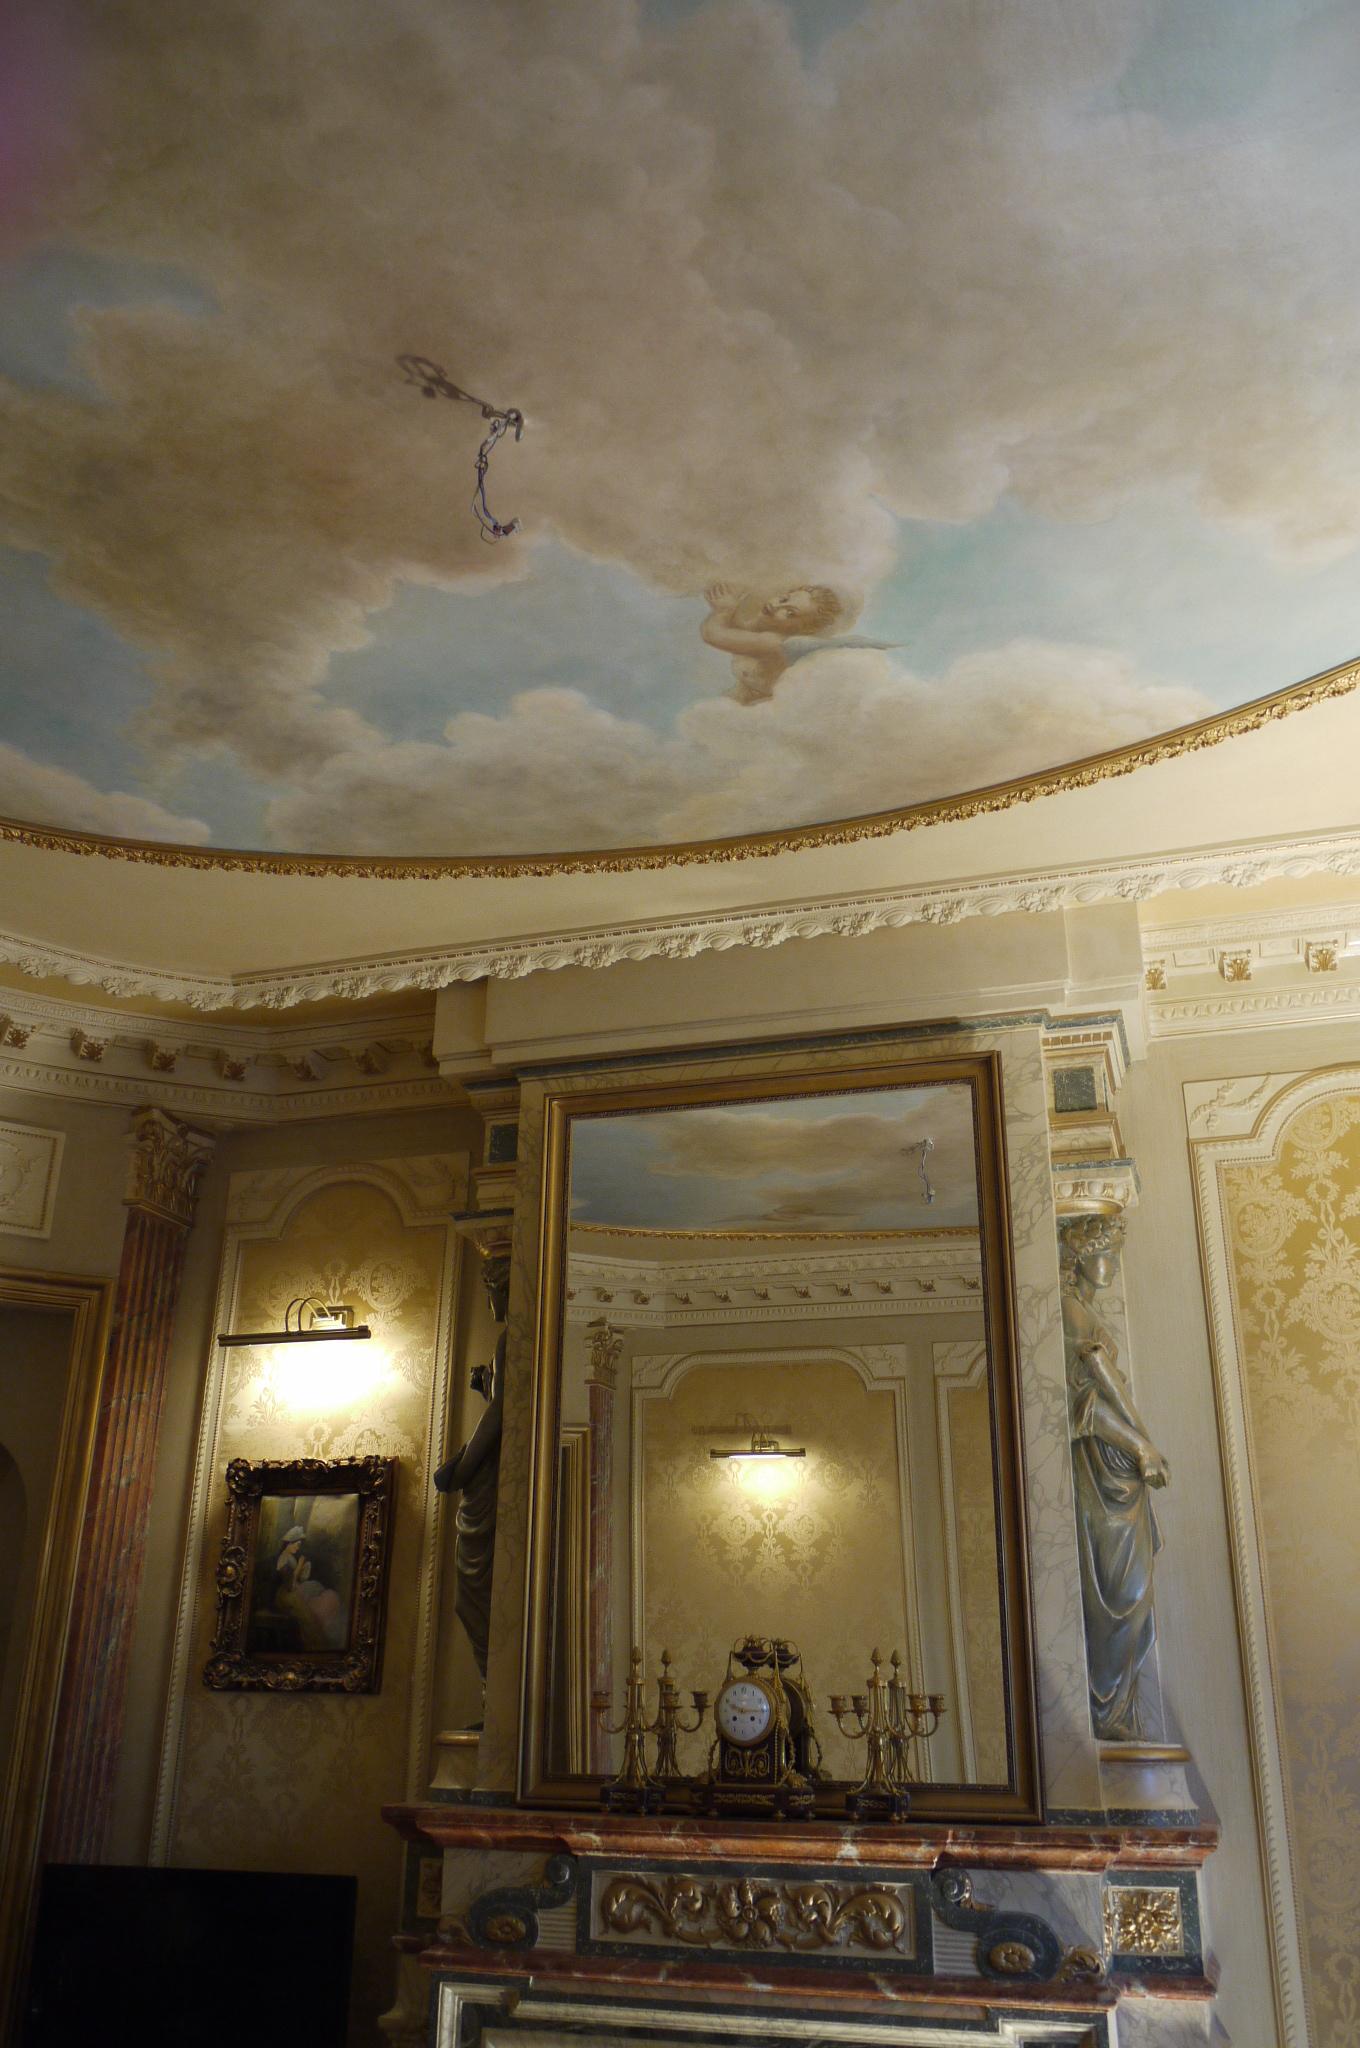 Trompe l il faux ciel baroque en technique l huile - Trompe l oeil chambre ...